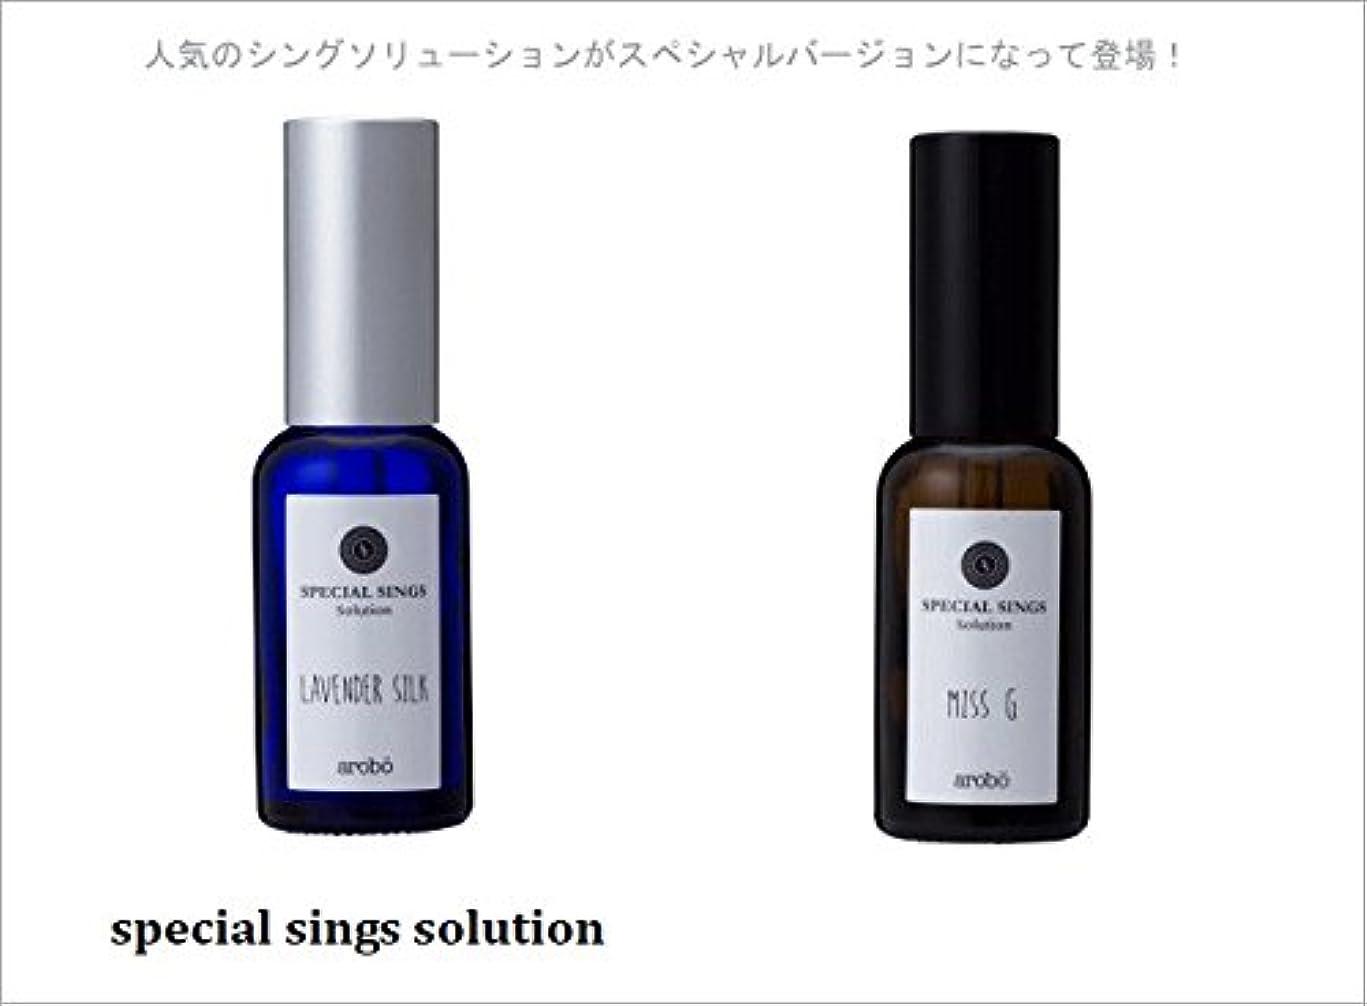 クルーささいな付与arobo(アロボ) 専用ソリューション CLV- 831 Lavender Silk